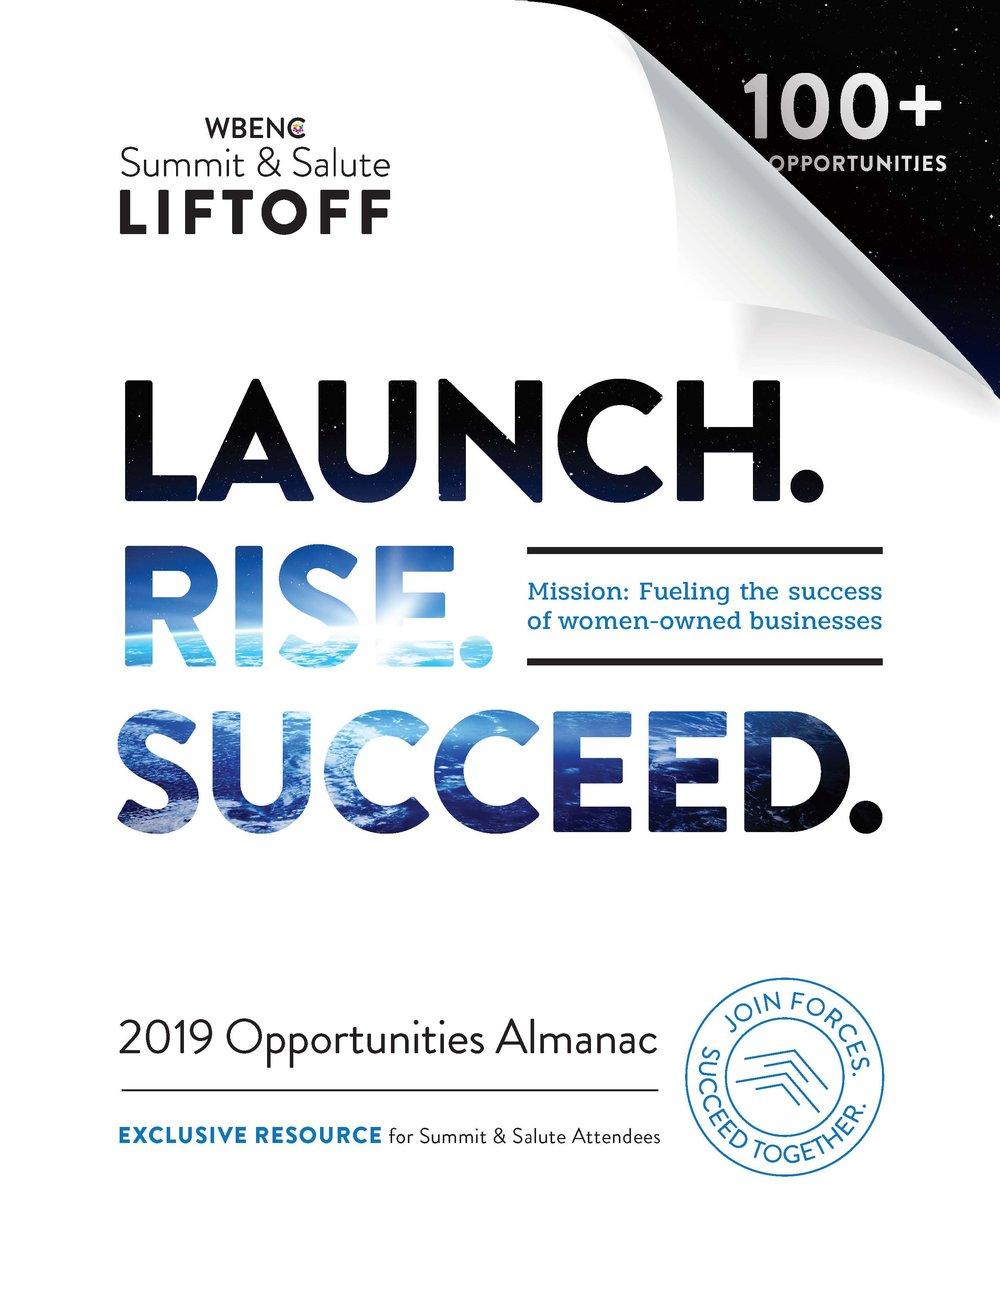 02.20.19 Opportunities Almanac v3.jpg